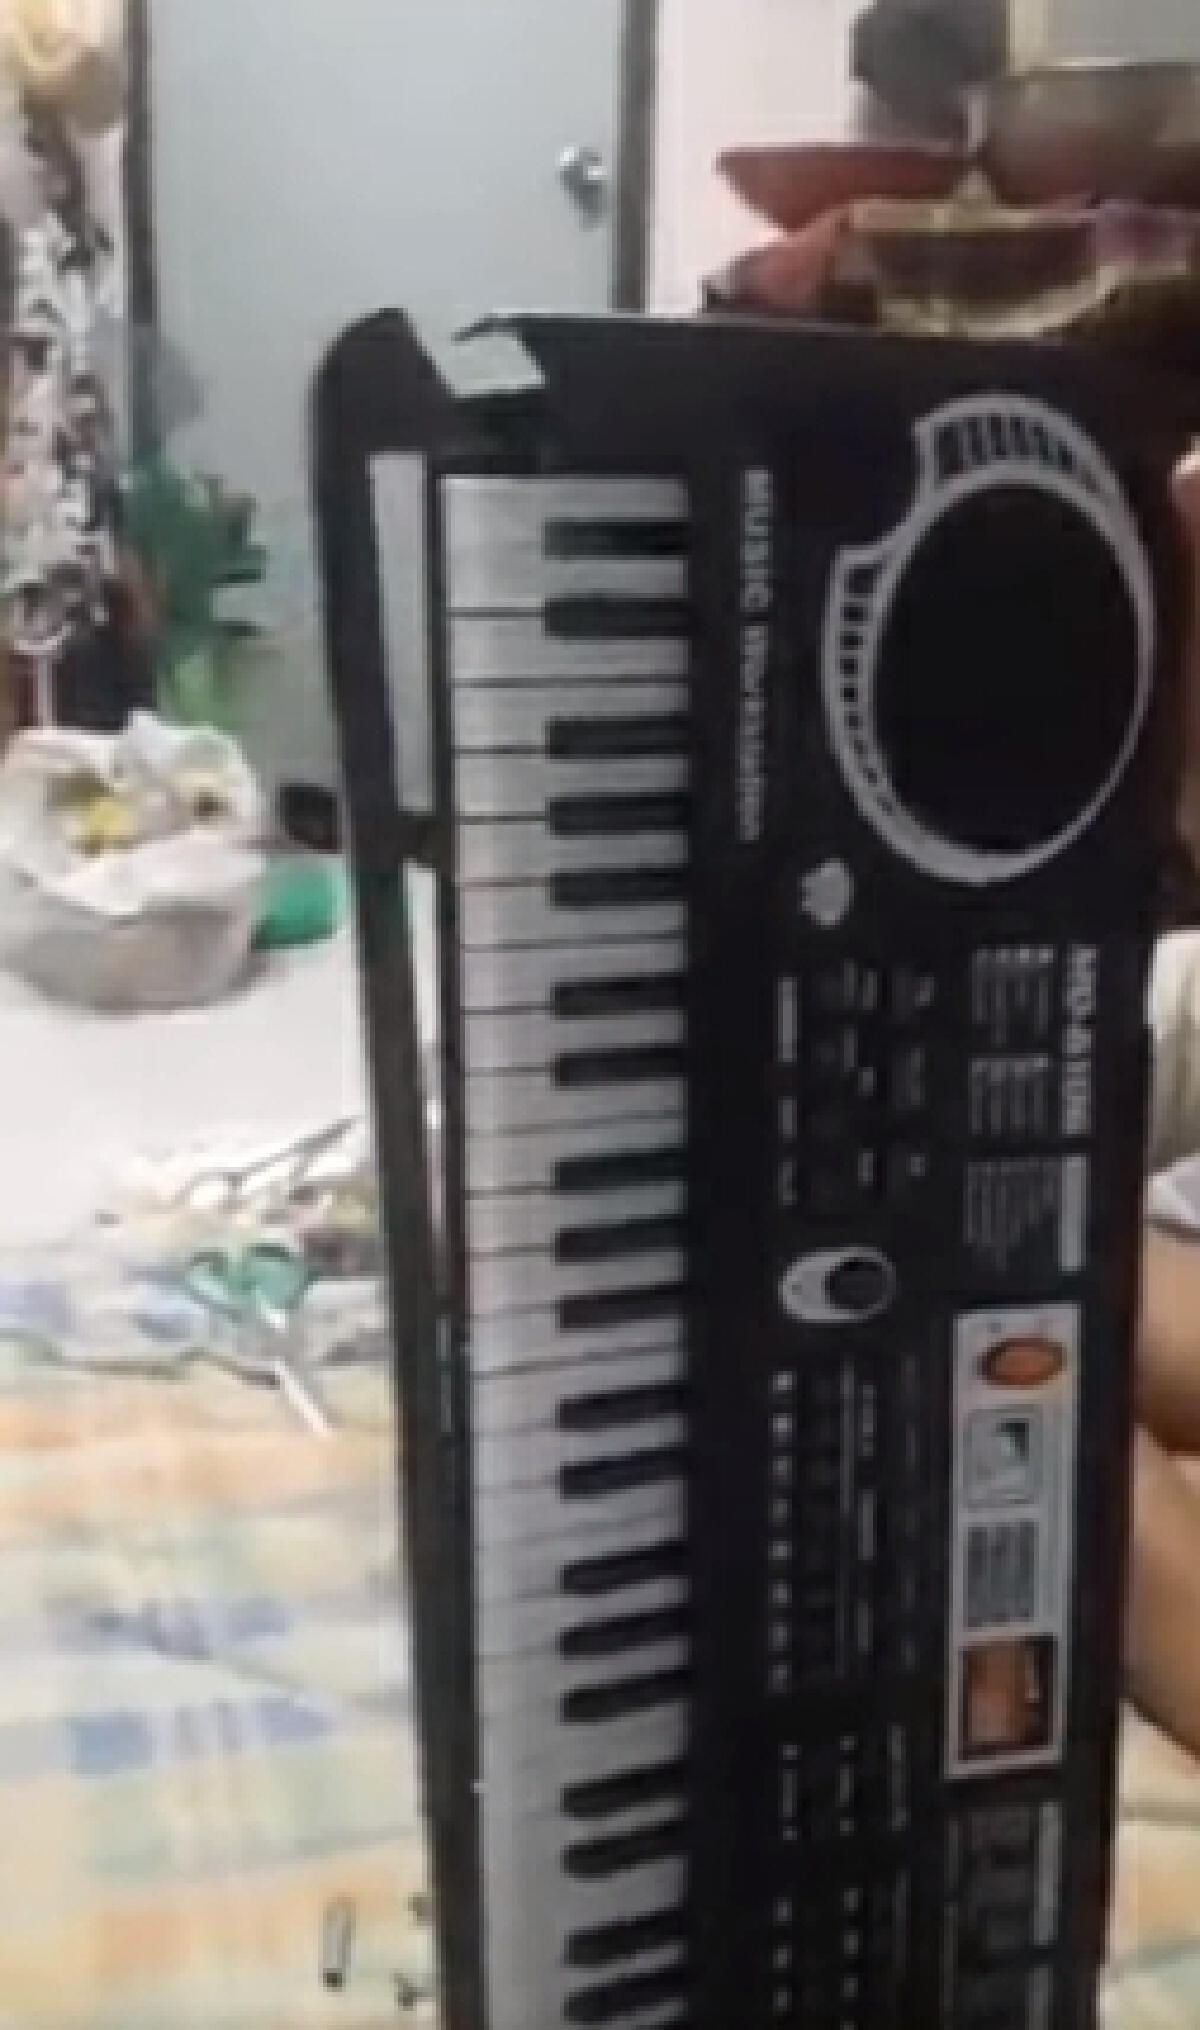 เตือนภัย! เพจหลอกขายเครื่องดนตรี เปิดมาพบเป็นของเด็กเล่น สภาพชำรุด